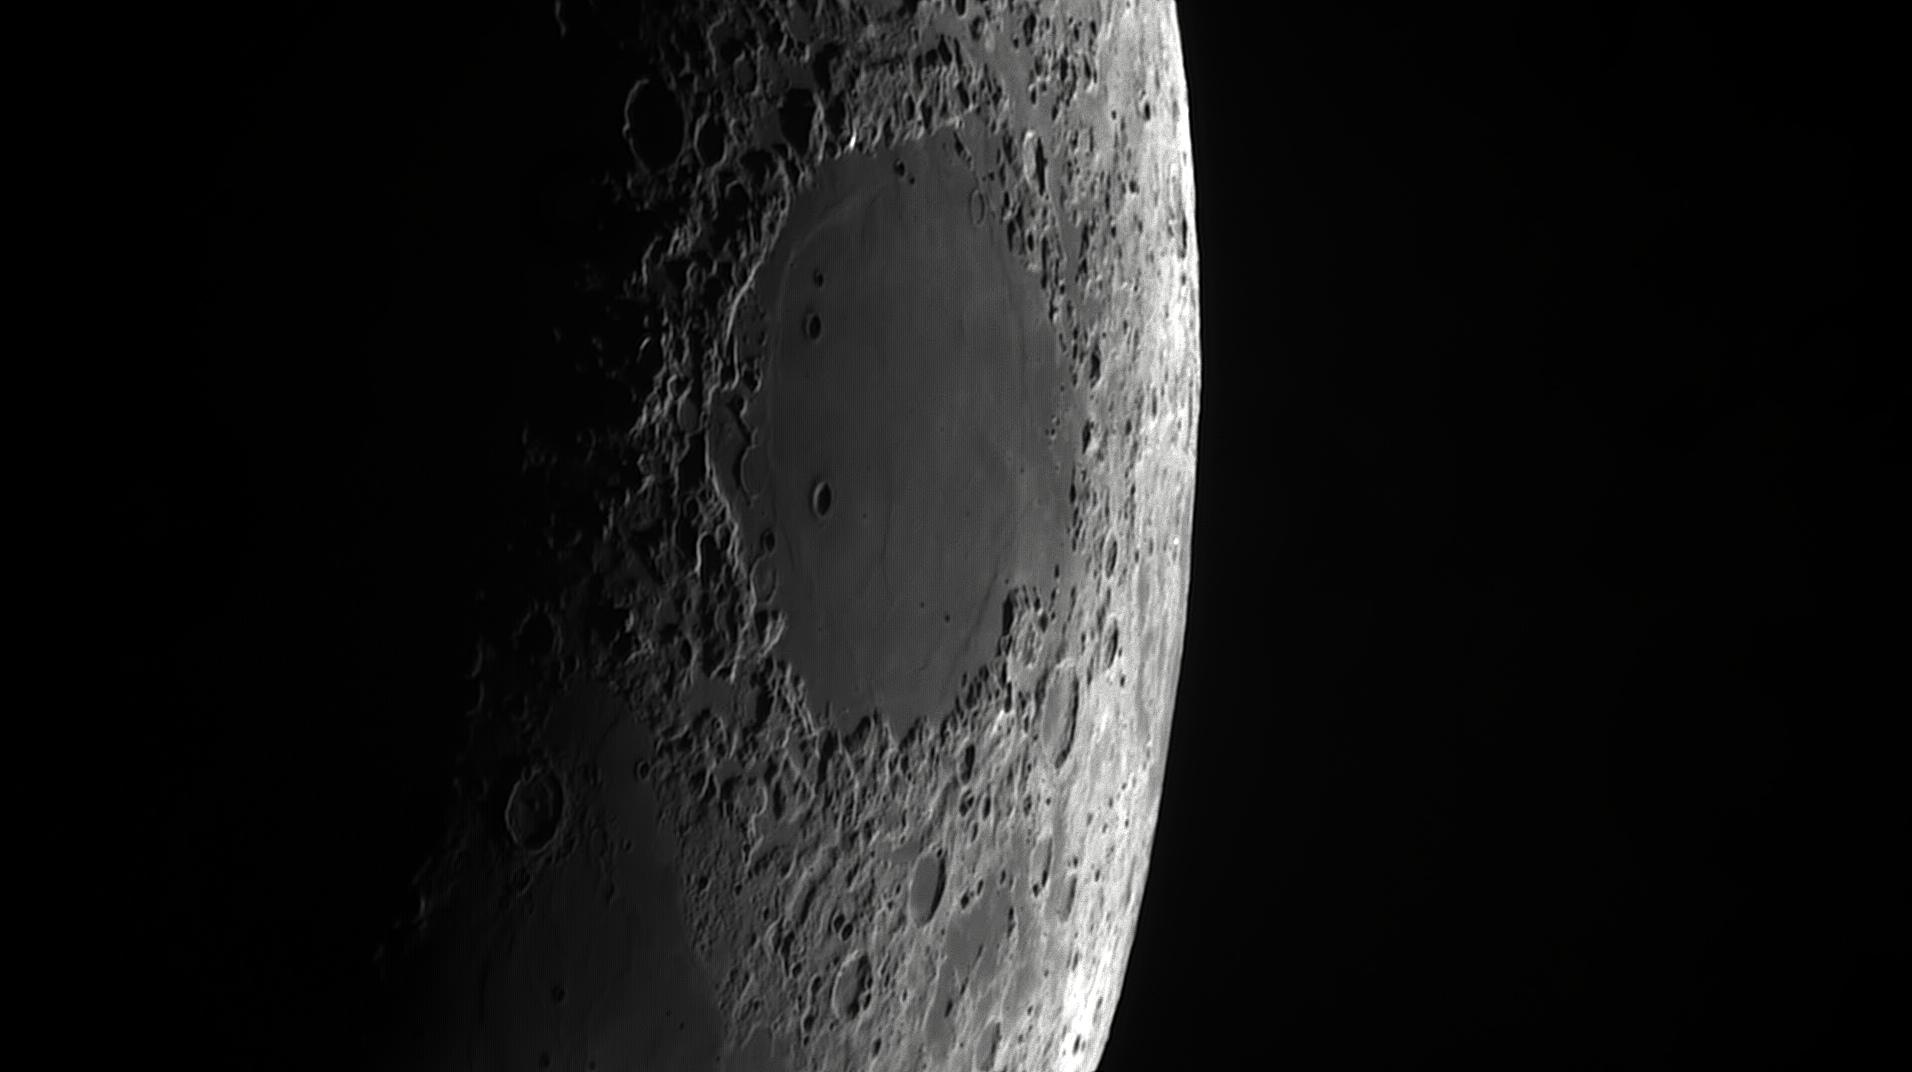 5cf9d110bf685_Moon_205016_060619_ZWOASI290MM_IR_680nm_AS_P35_lapl4_ap151.jpg.1dde66874a94568e1d316e662e40a3a9.jpg